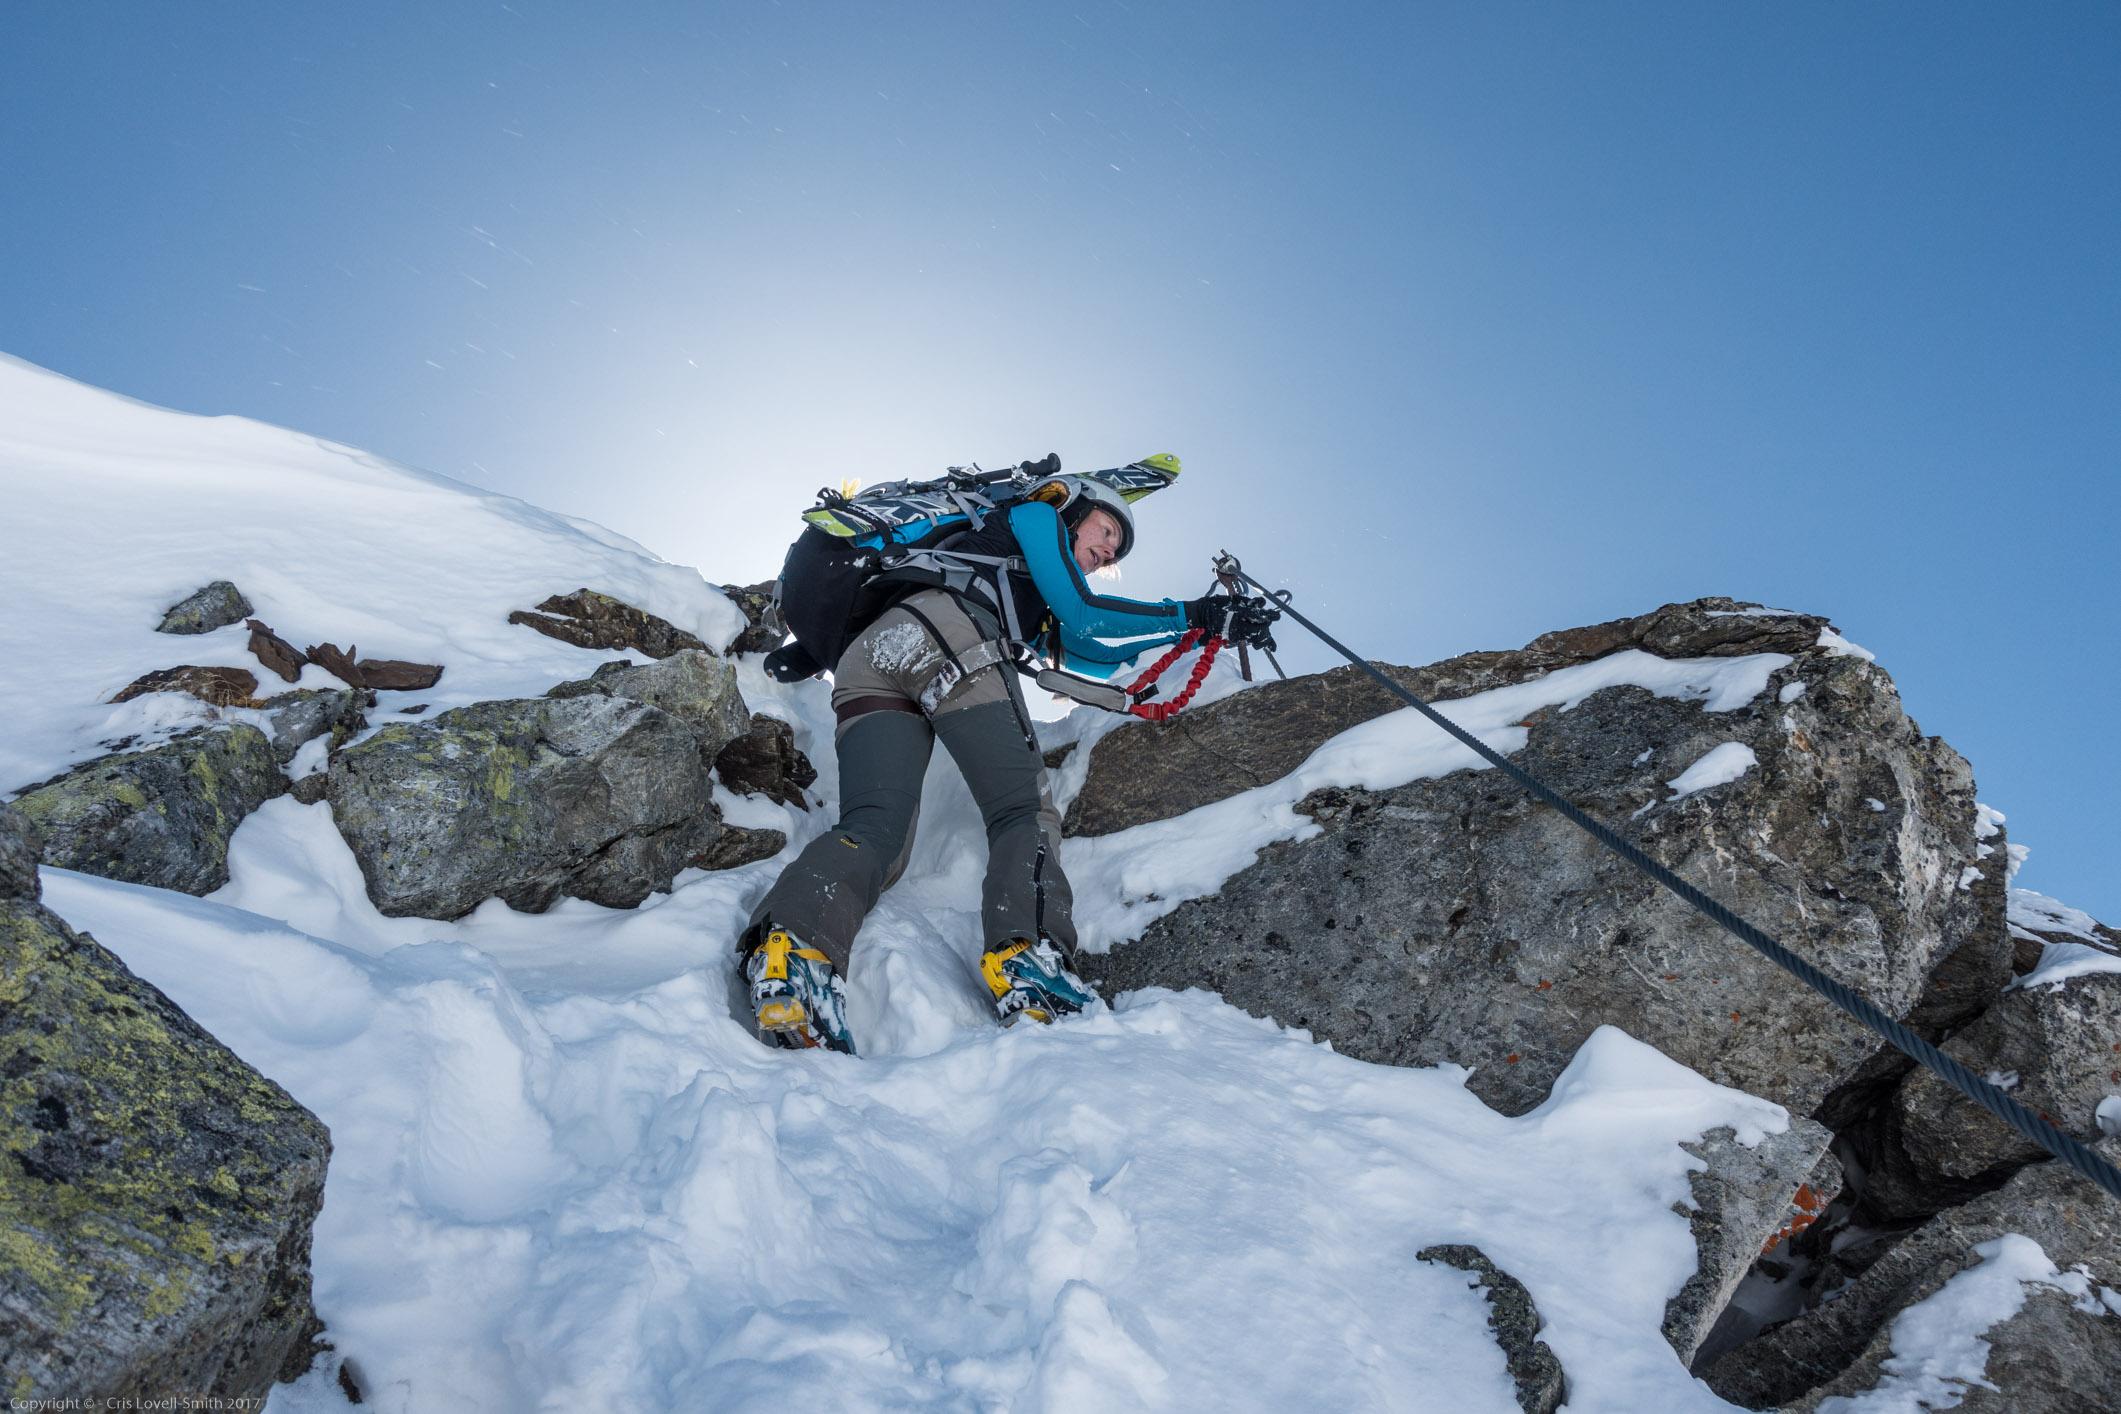 Leonie clipping (Arlberger Winterklettersteig March 2017)